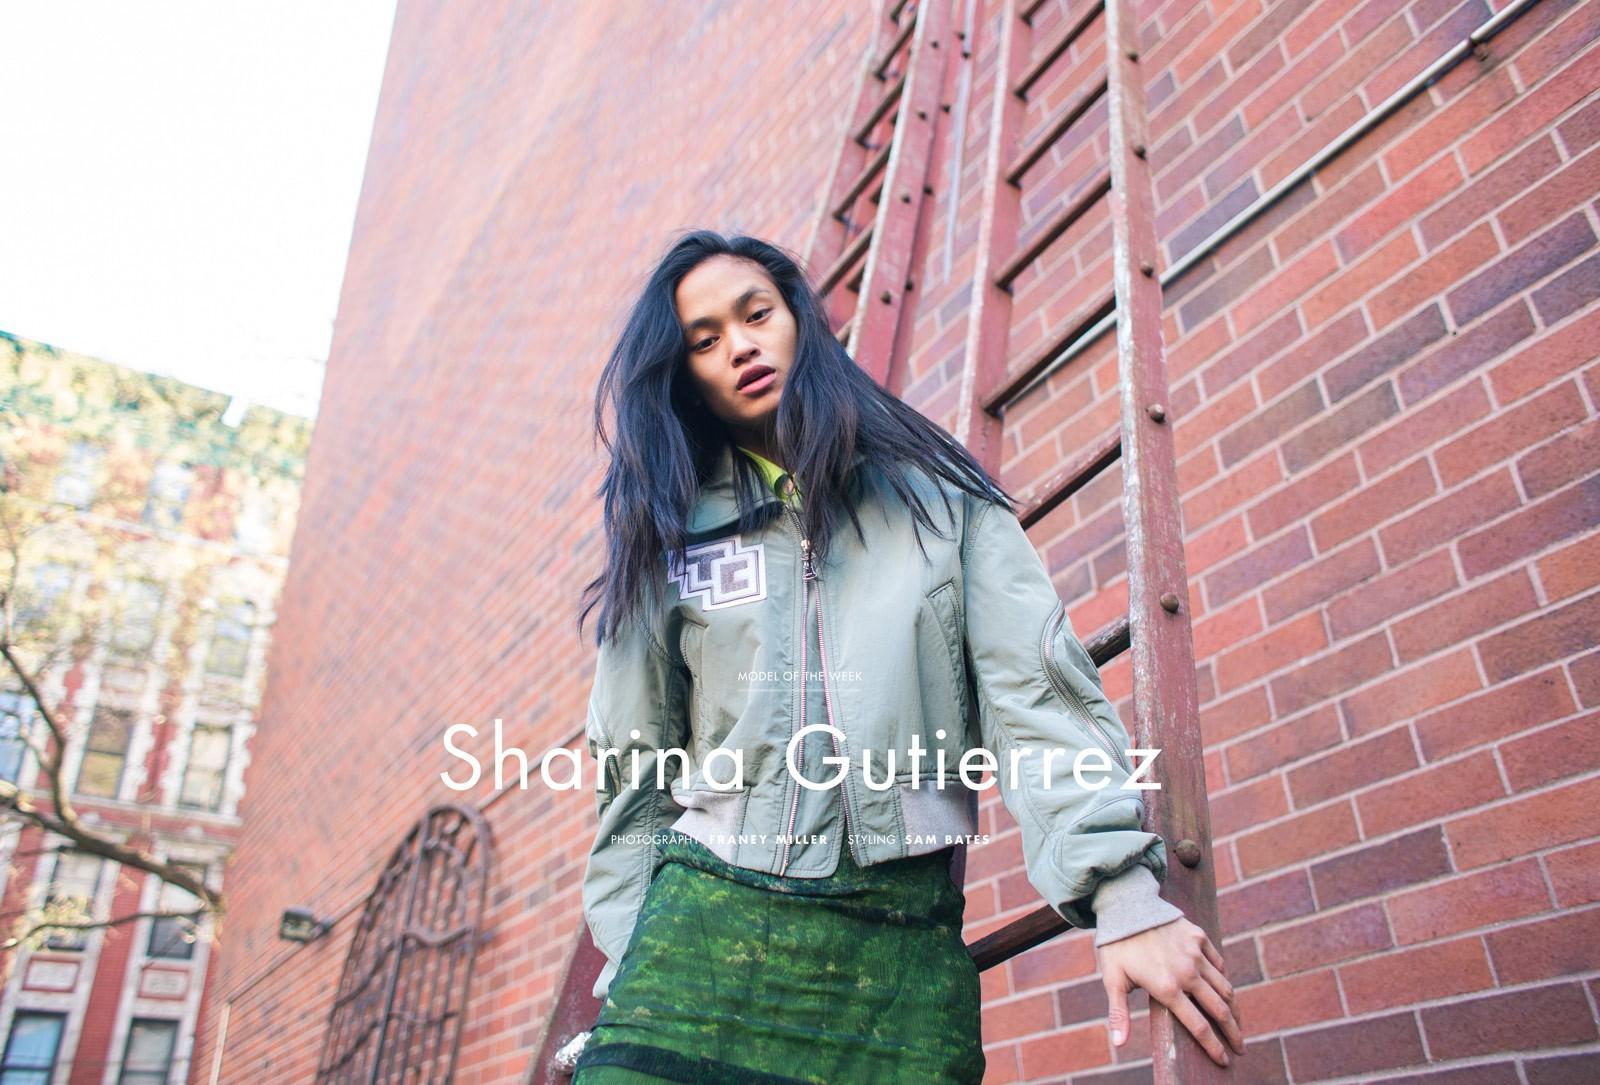 MOTW_SharinaGutierrez_DNA_web-1600_01